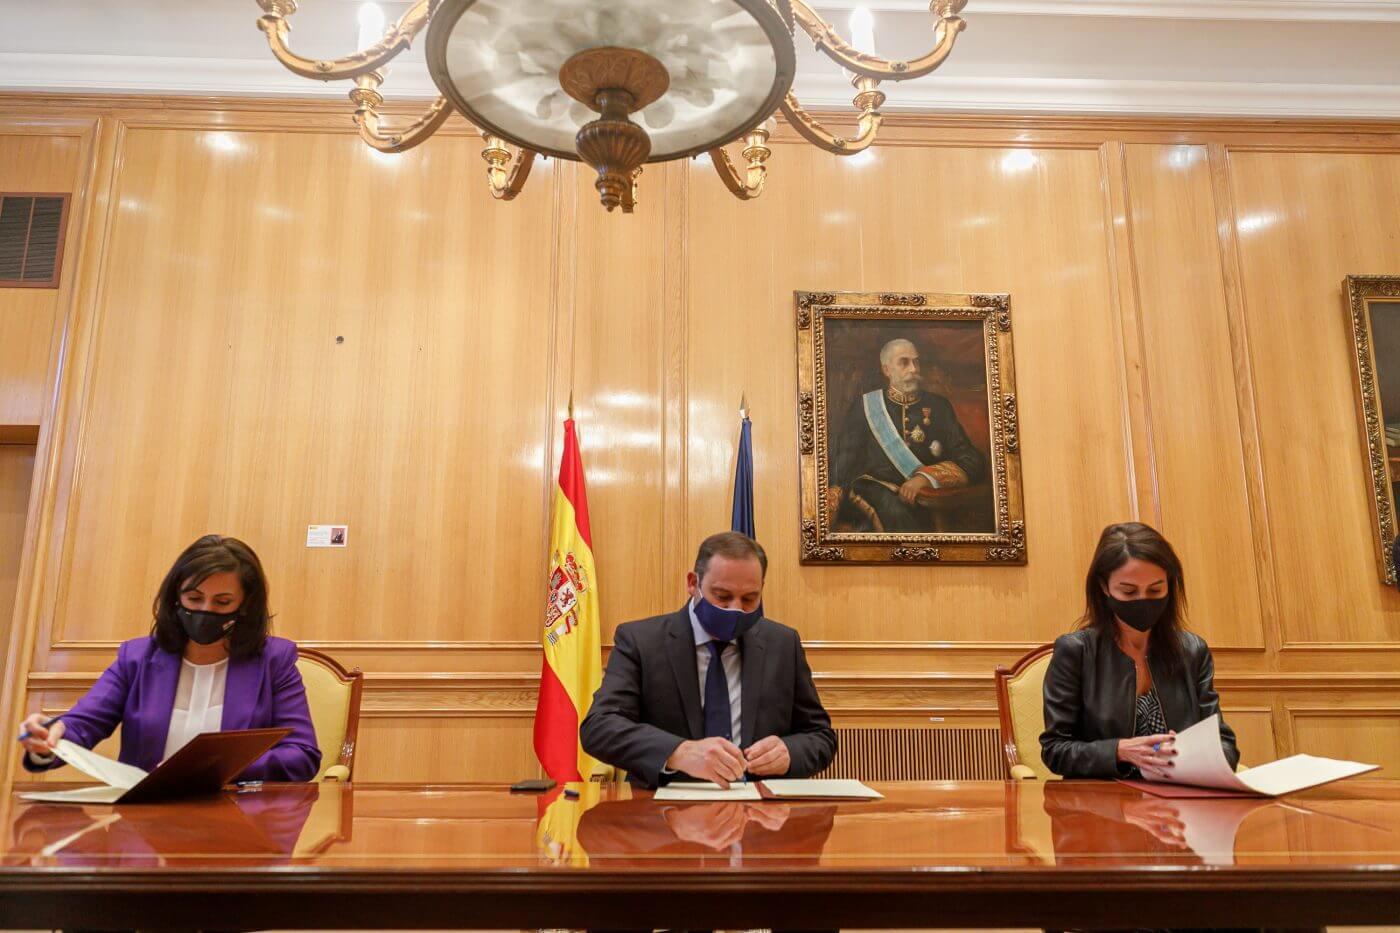 Firmado el protocolo para el primer tramo de alta velocidad en La Rioja, que contempla el proyecto de construcción de la variante ferroviaria de Rincón de Soto